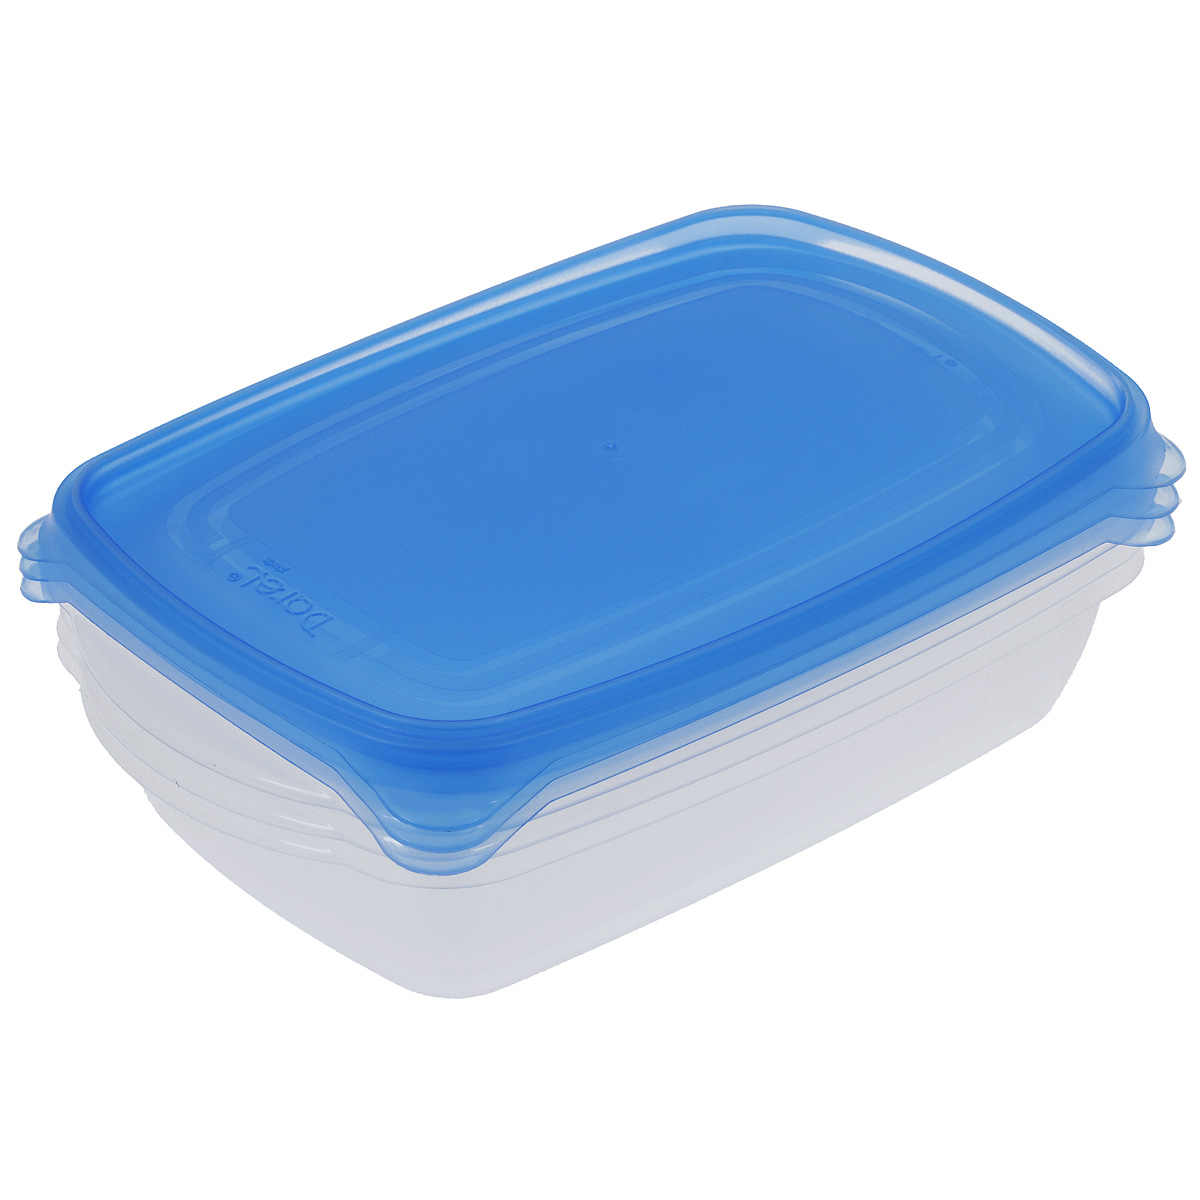 Набор контейнеров Darel, цвет: синий, 1,3 л, 3 штVT-1520(SR)Набор Darel состоит из трех прямоугольных контейнеров. Изделия выполнены из высококачественного пищевого полипропилена. Крышки легко открываются и плотно закрываются с помощью легкого щелчка.Подходят для хранения и транспортировки пищи. Складываются друг в друга, что экономит пространство при хранении в шкафу. Контейнеры подходят для использования в микроволновой печи без крышек, а также для заморозки в морозильной камере. Можно мыть в посудомоечной машине.